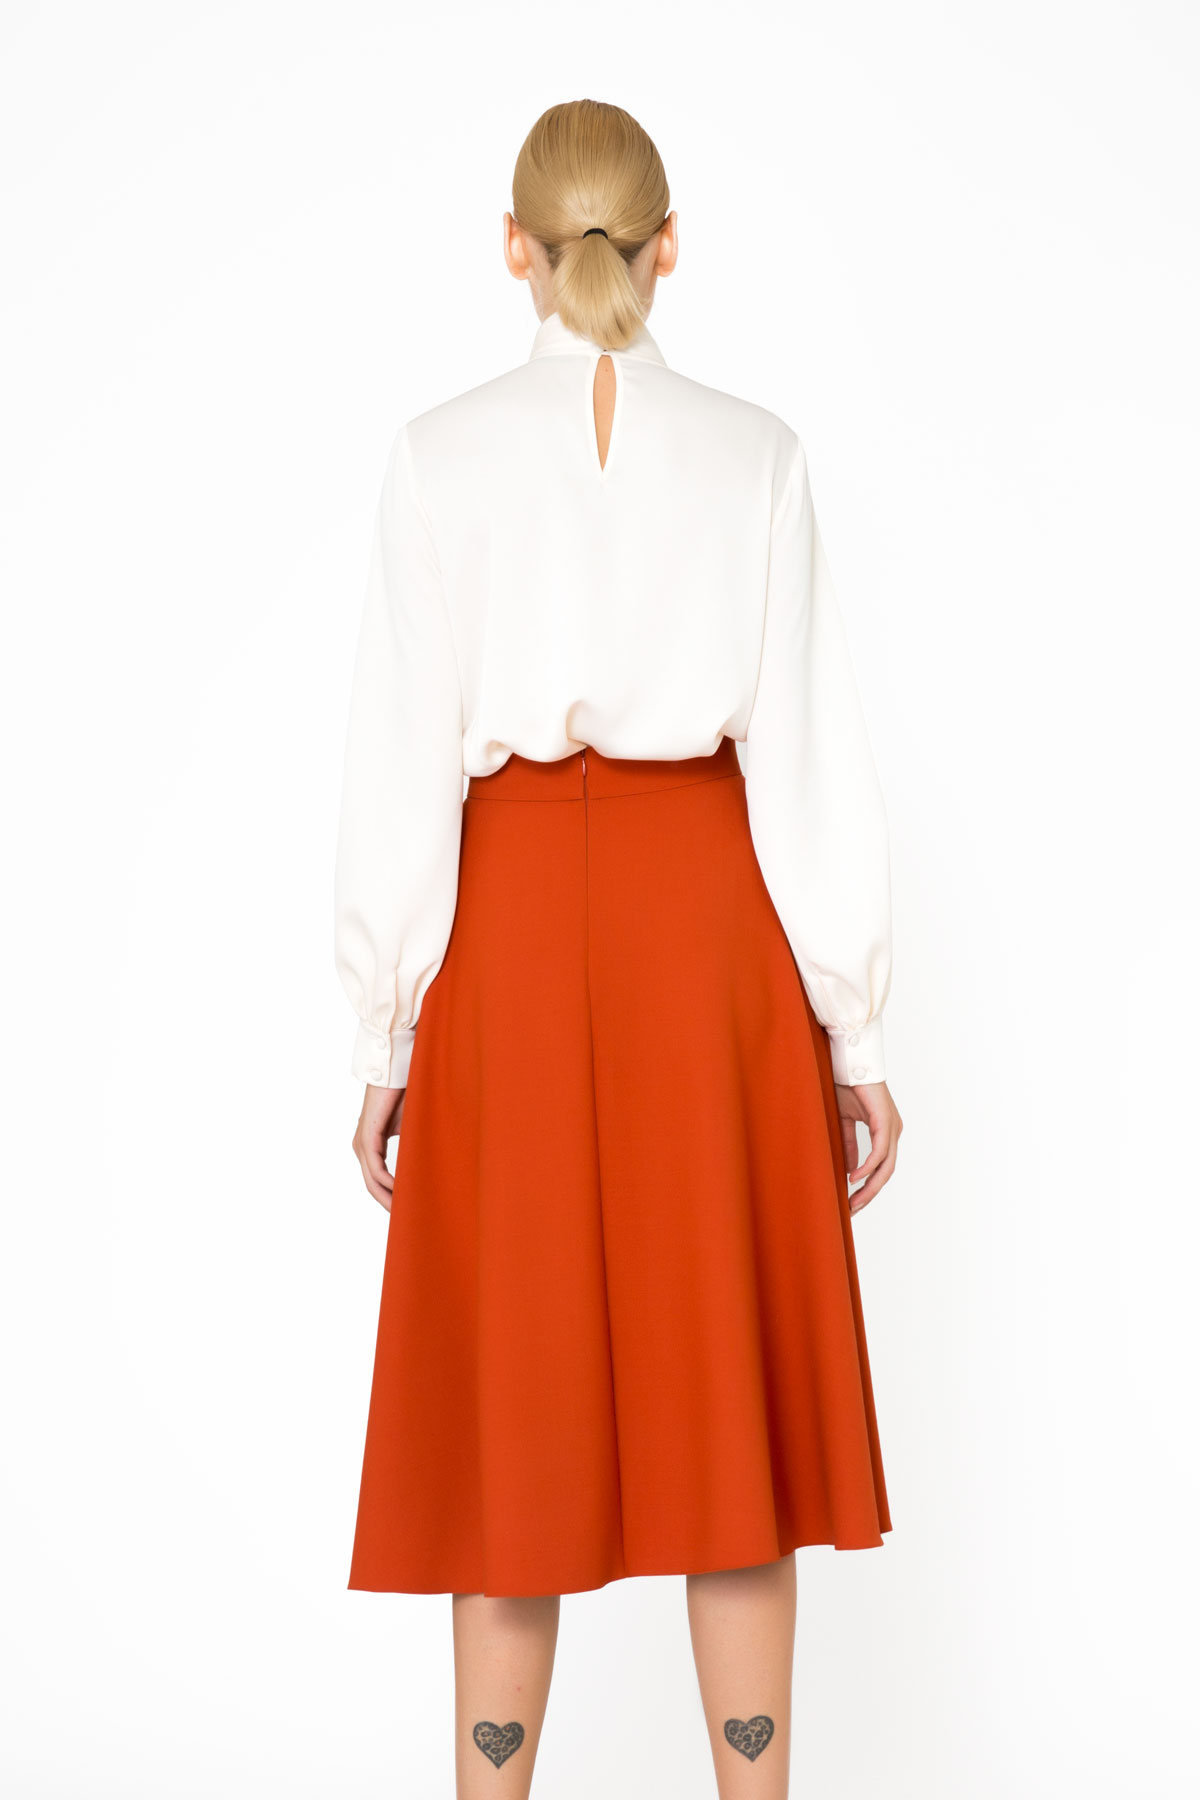 Stone Embroidery Detail Orange Midi Skirt